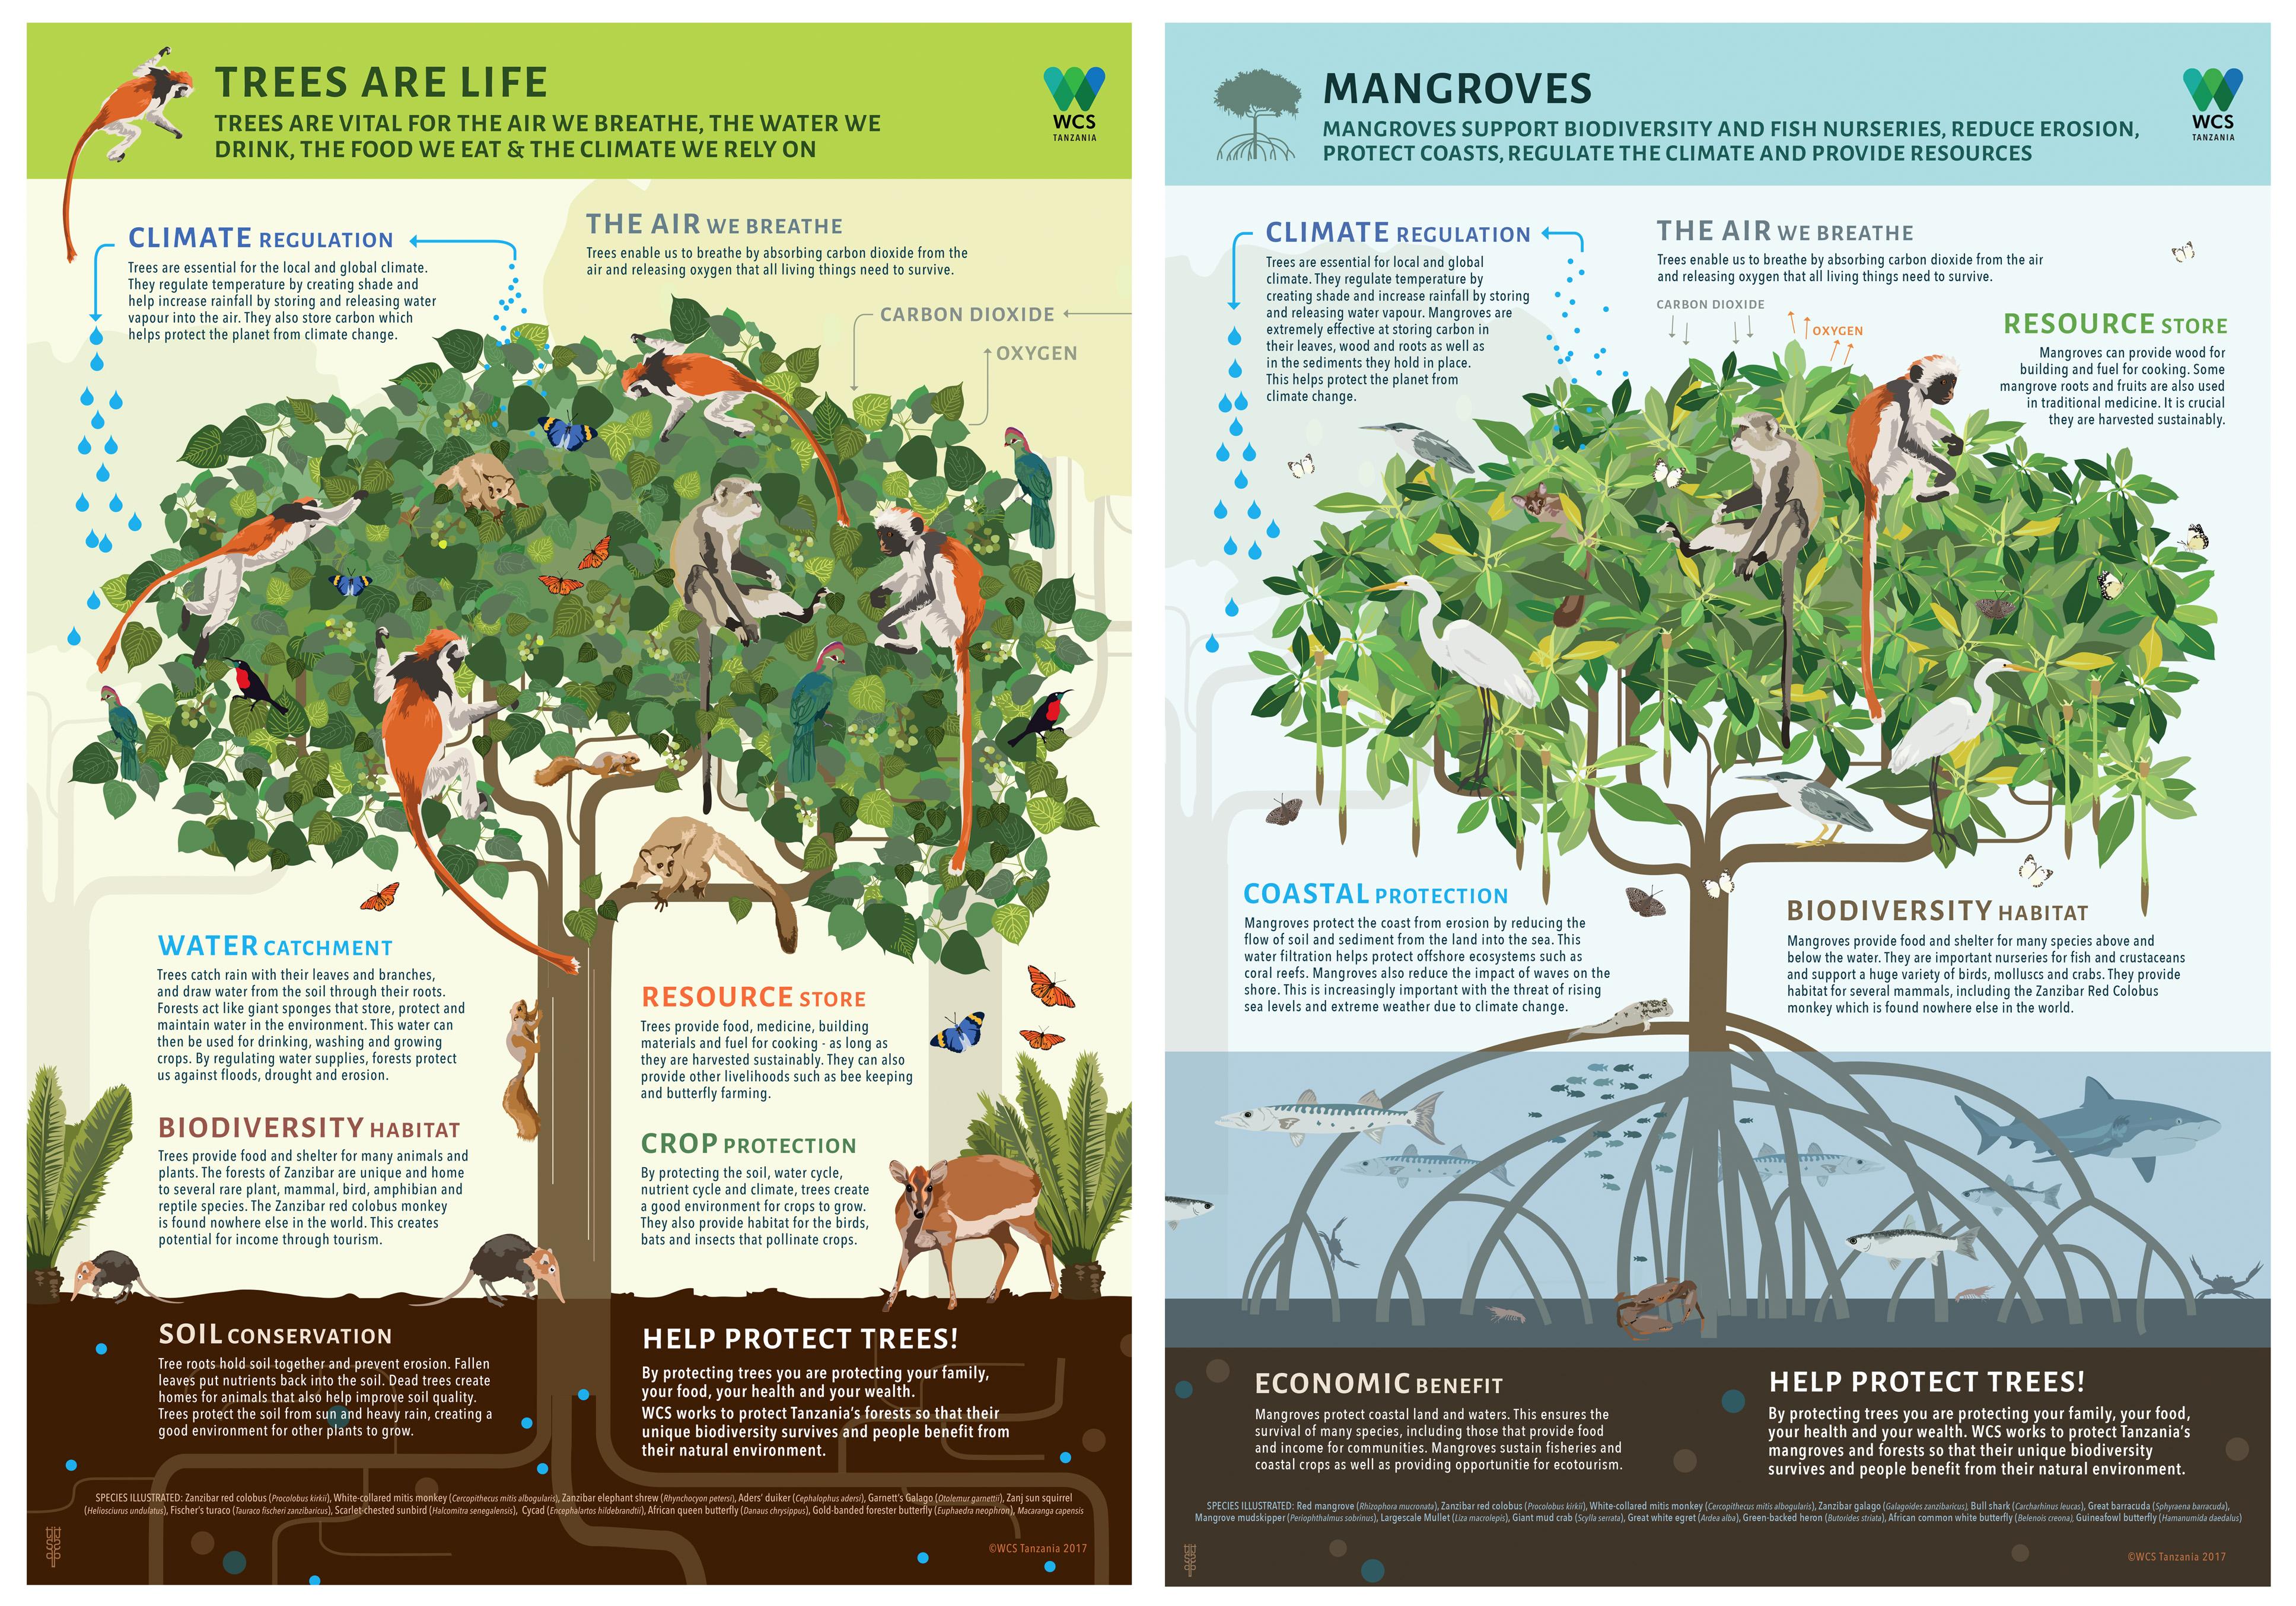 Saving Trees in Tanzania